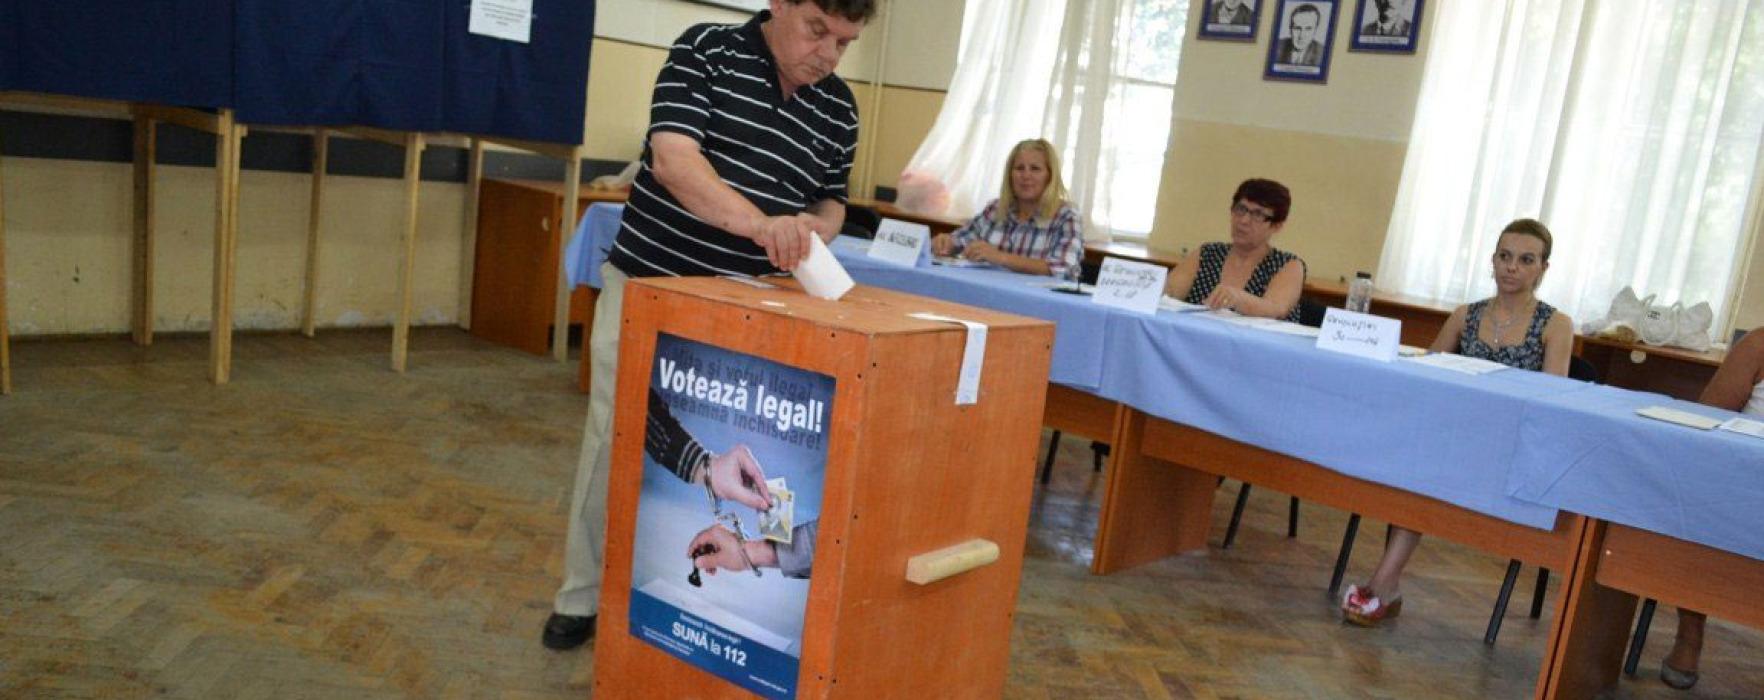 Dâmboviţa: ora 16.00 – Prezenţa la vot 37,36%